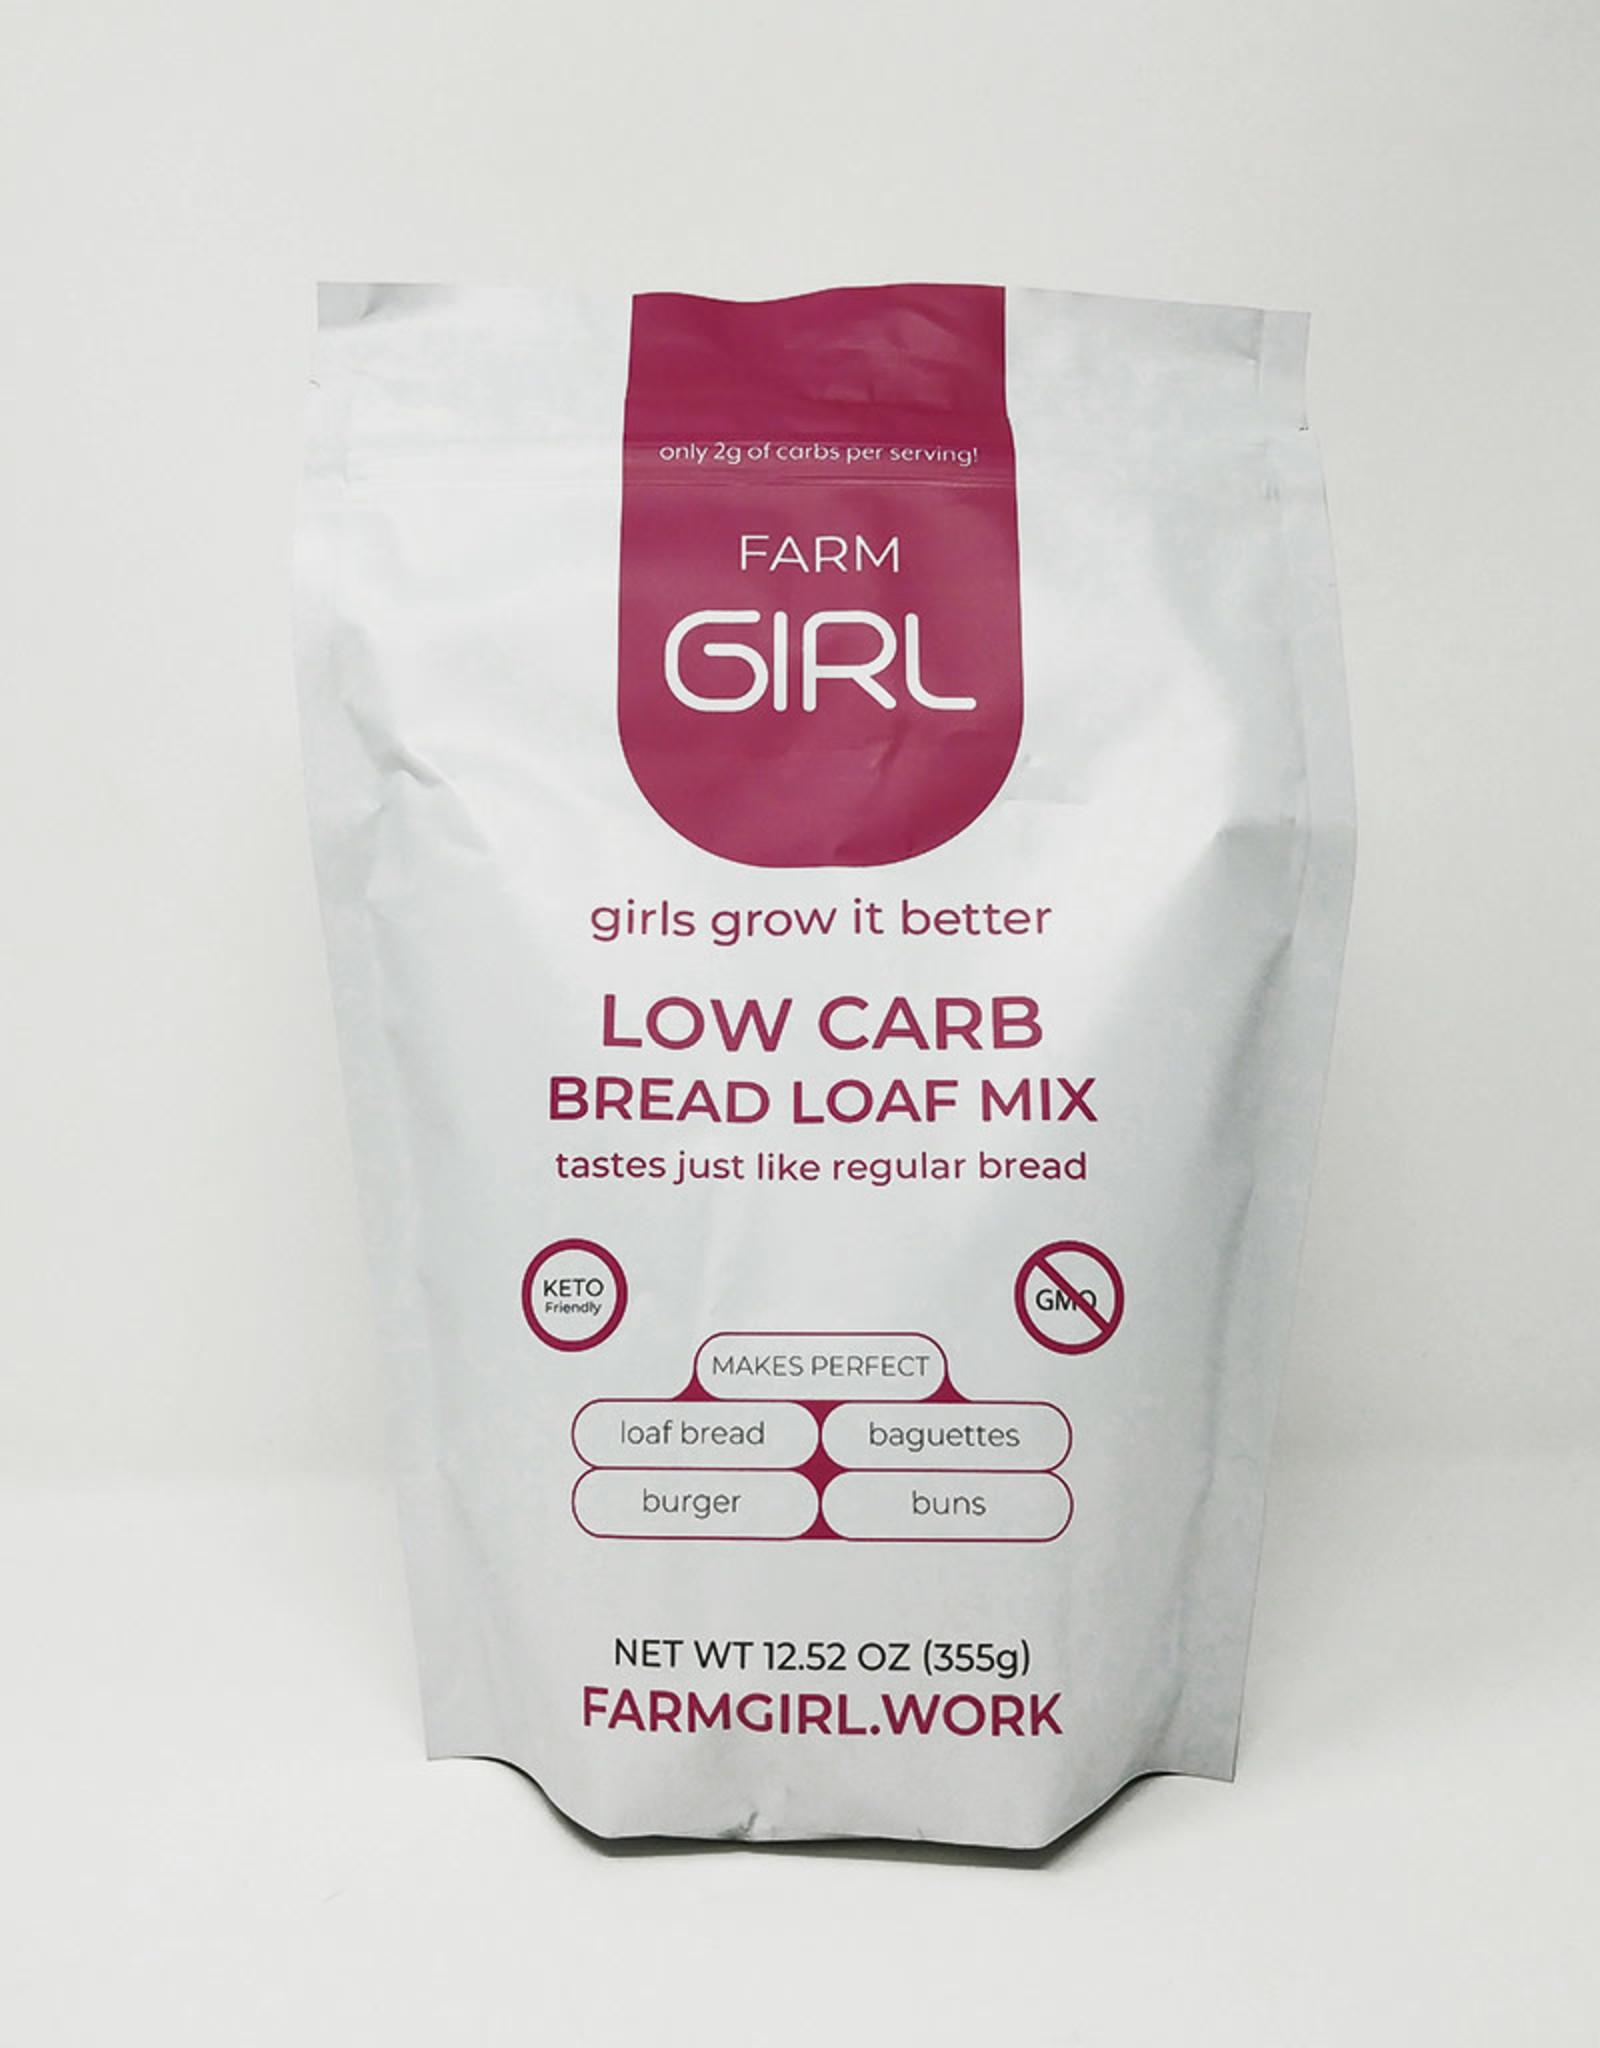 Farm Girl Farm Girl- Bread Loaf Mix, Low Carb